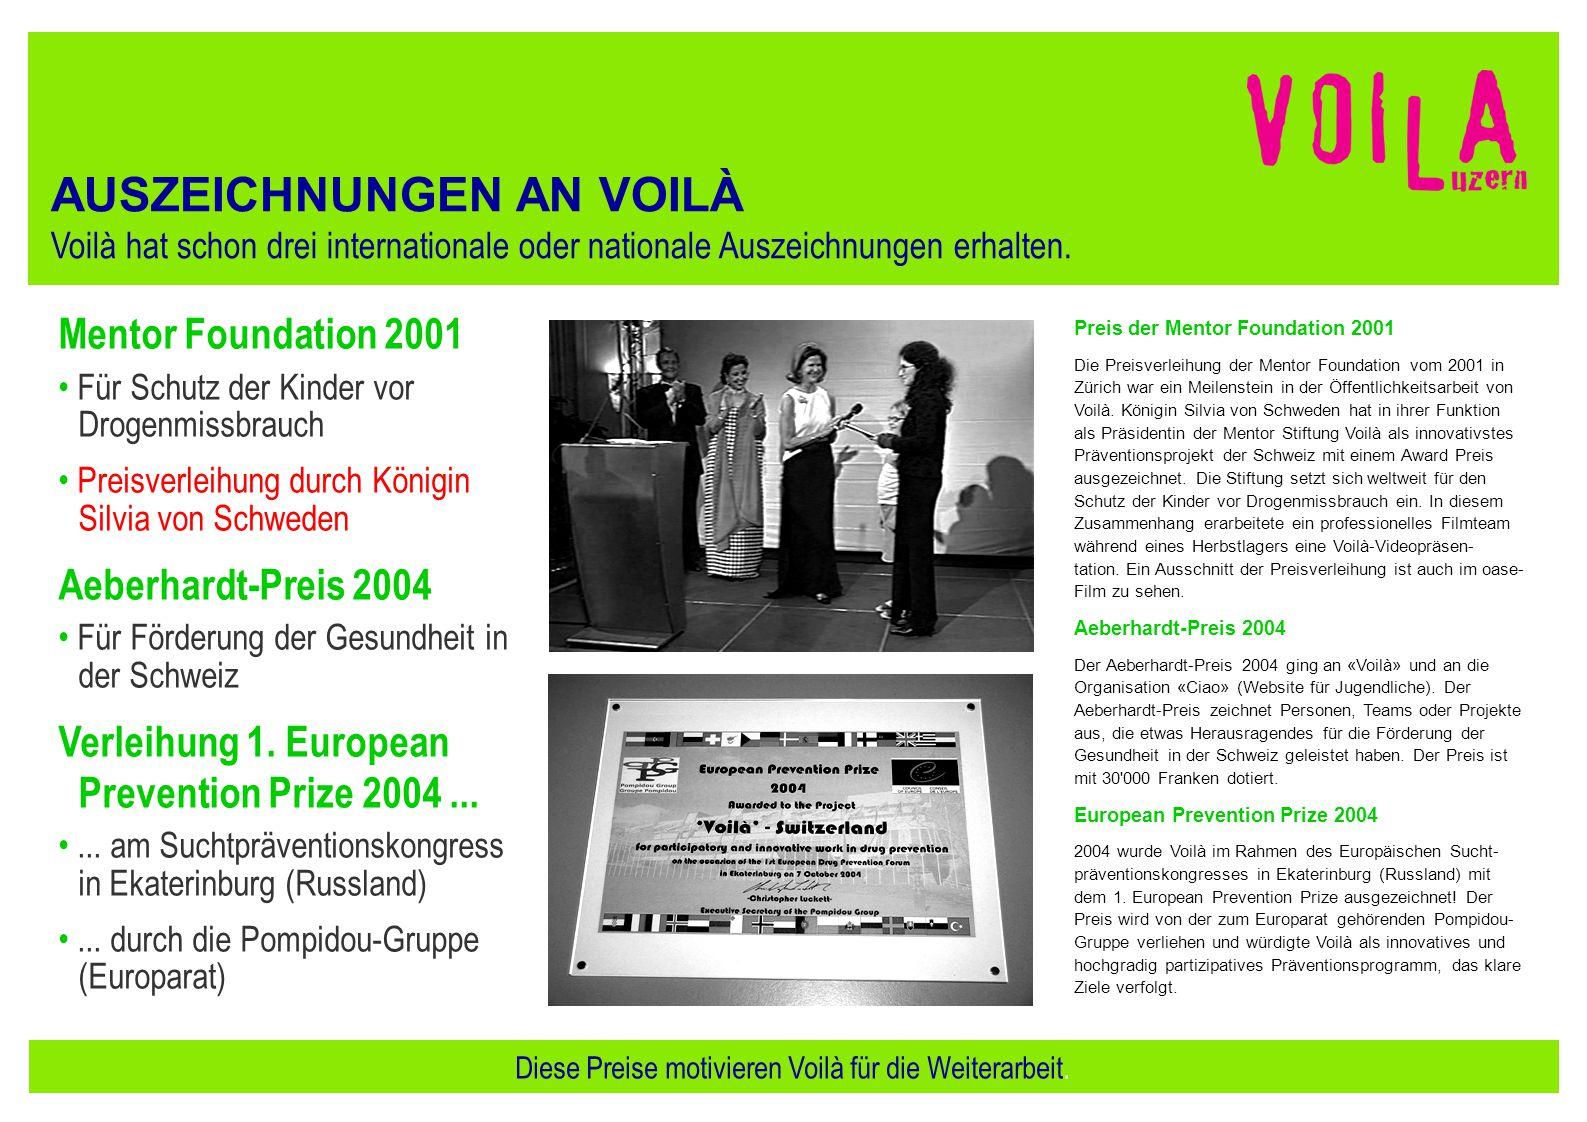 Mentor Foundation 2001 Für Schutz der Kinder vor Drogenmissbrauch Preisverleihung durch Königin Silvia von Schweden Aeberhardt-Preis 2004 Für Förderun